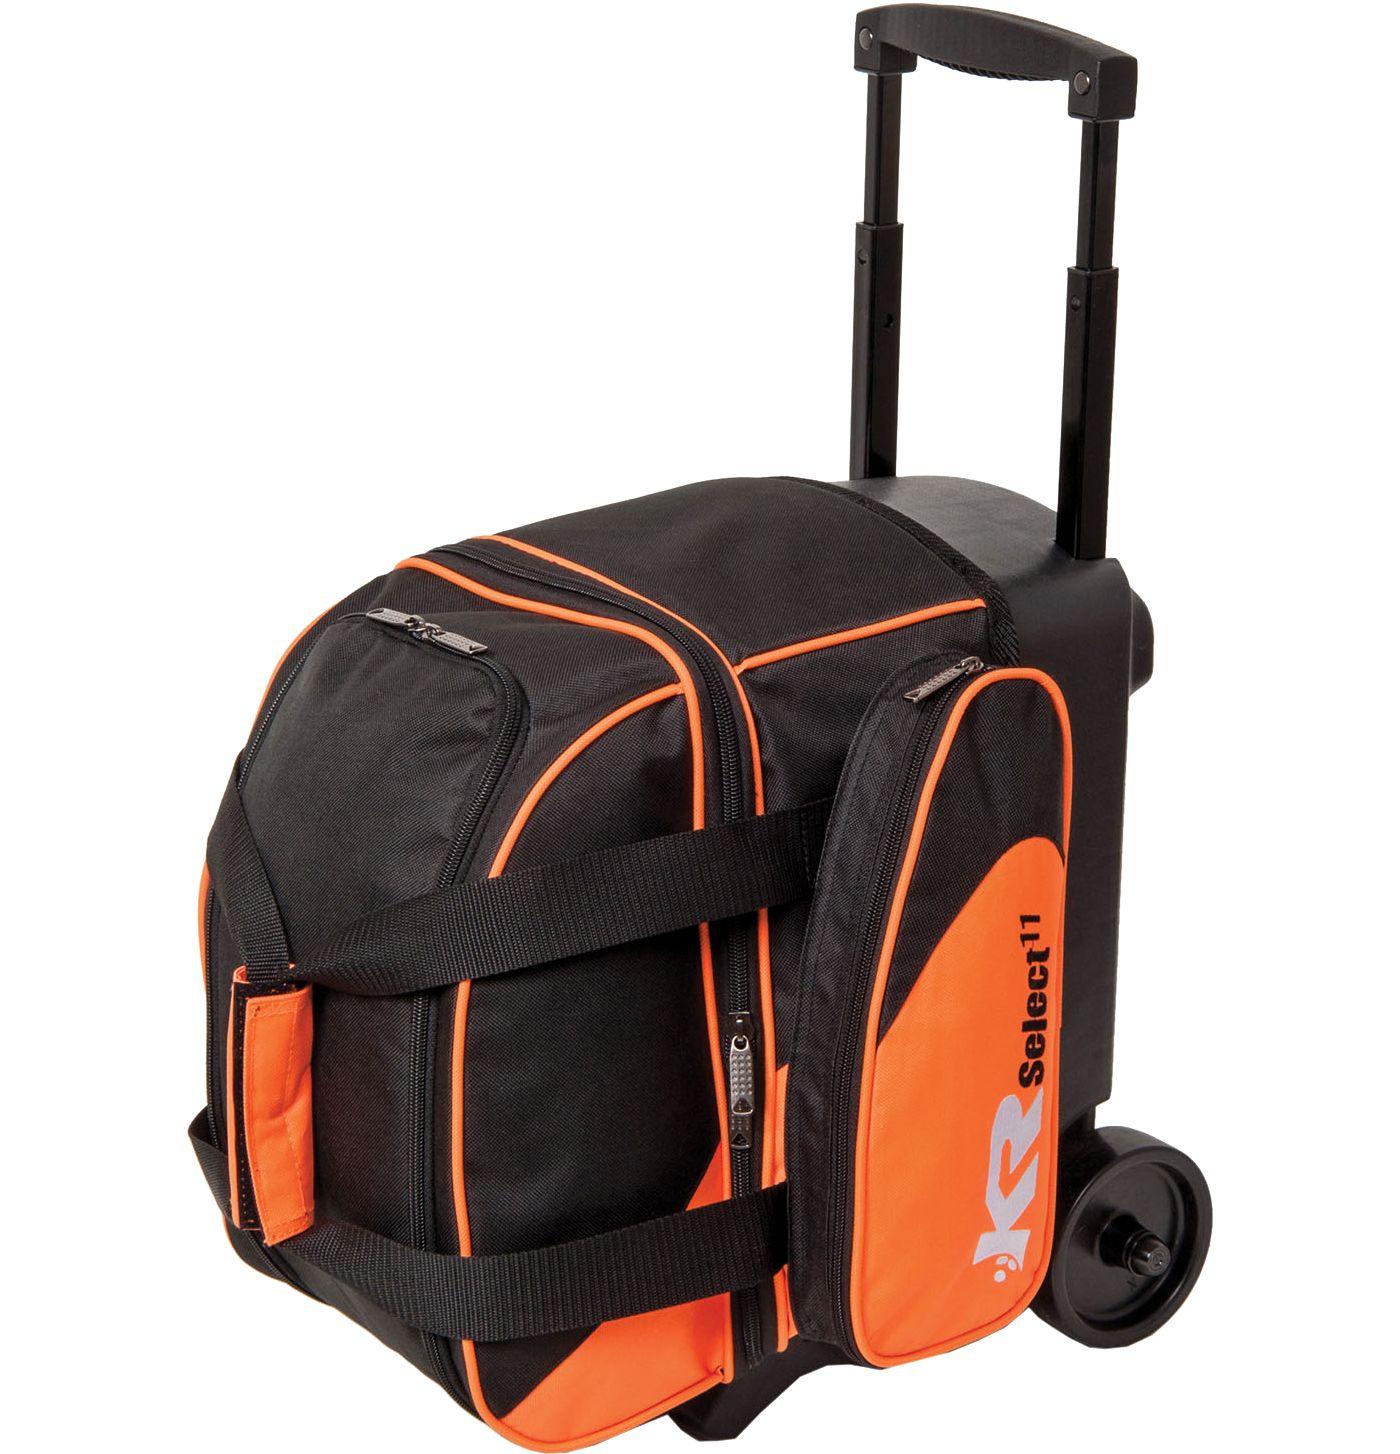 KR Strikeforce KR Select Single Roller Bowling Bag